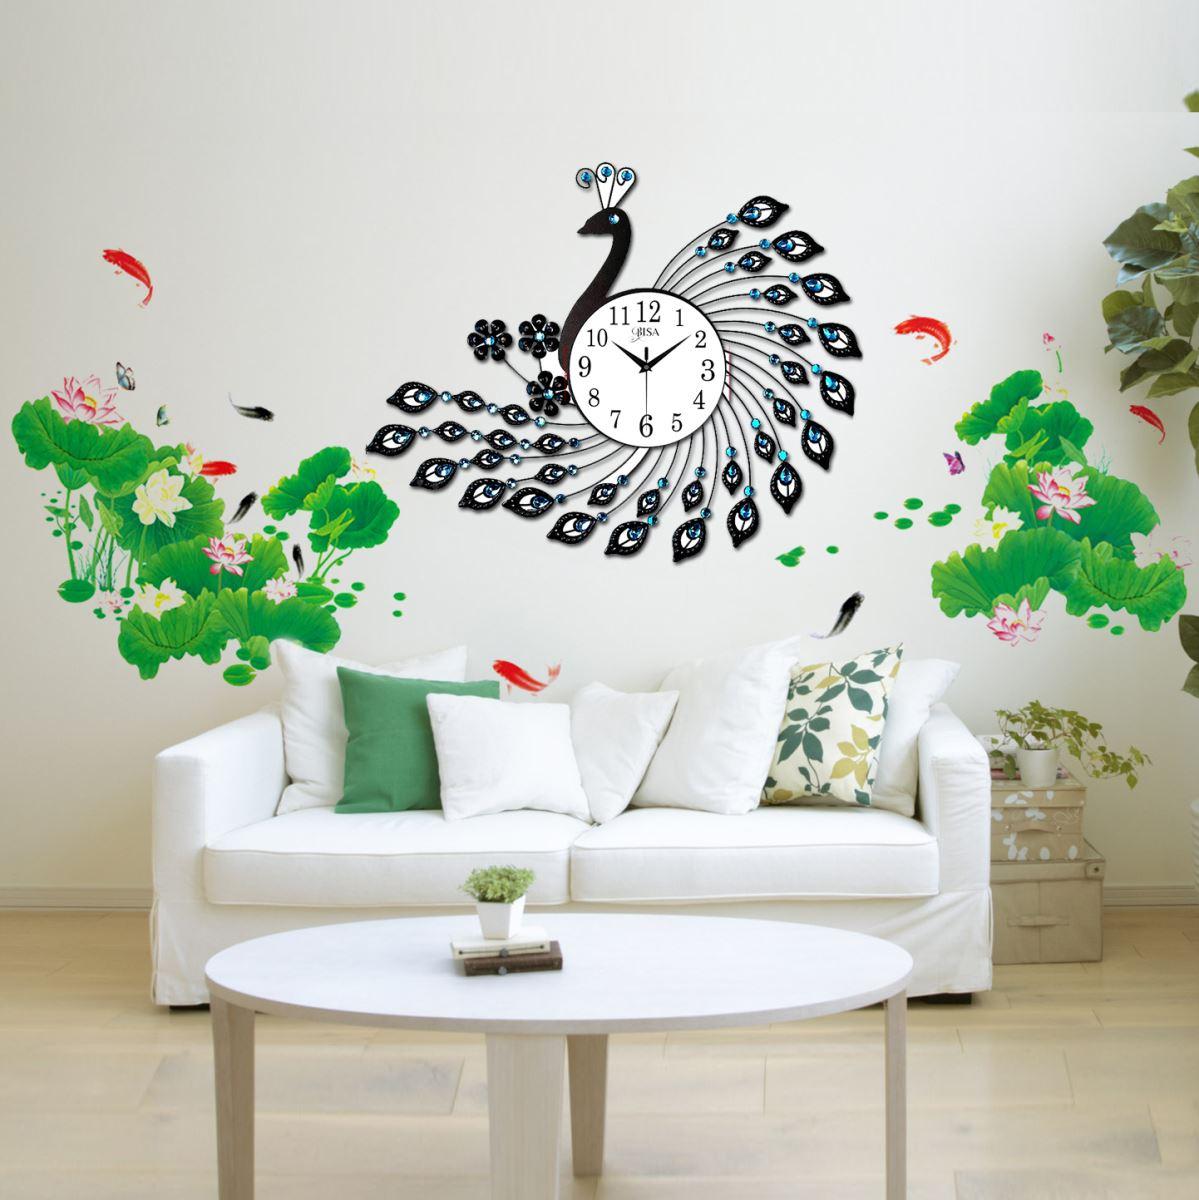 Đồng hồ treo tường chim công và tặng kèm tranh dán tường cho không gian của bạn thêm sang trọng